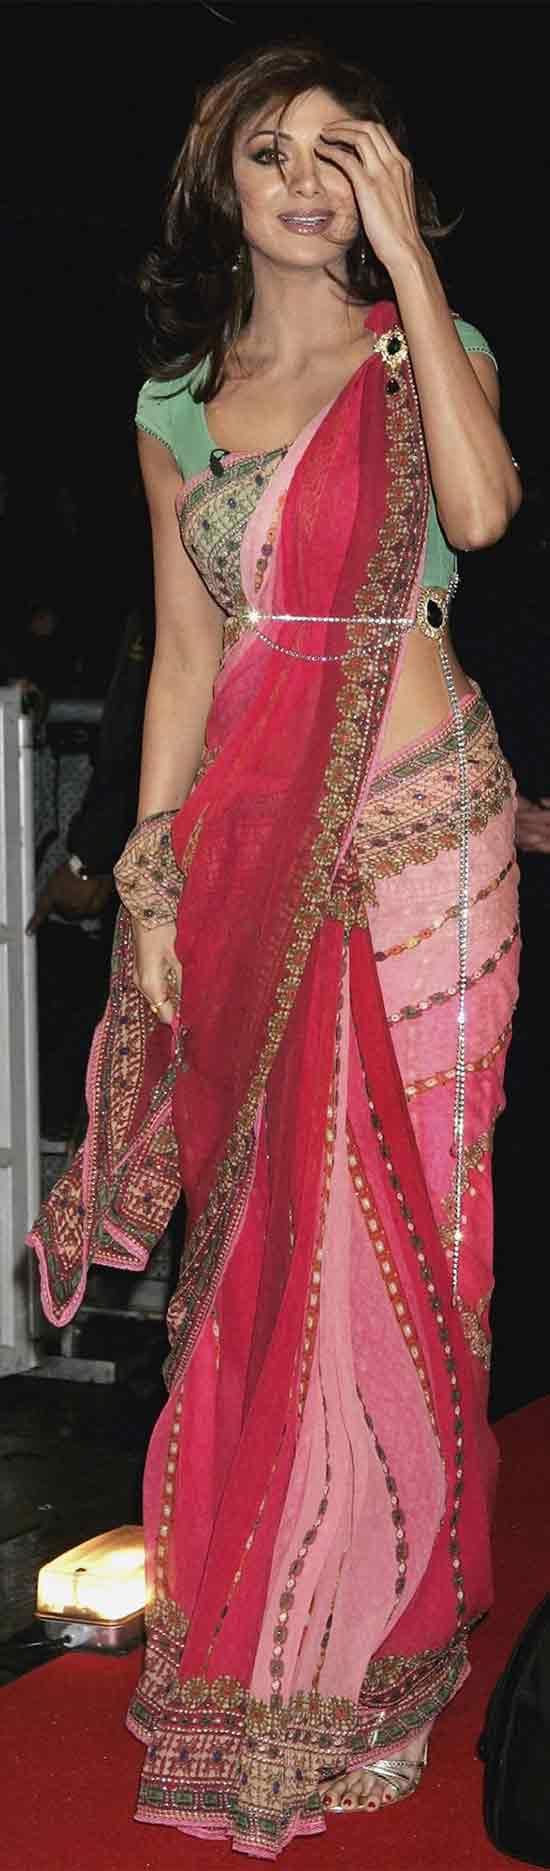 Shilpa-Shetty-In-Designer-Saree